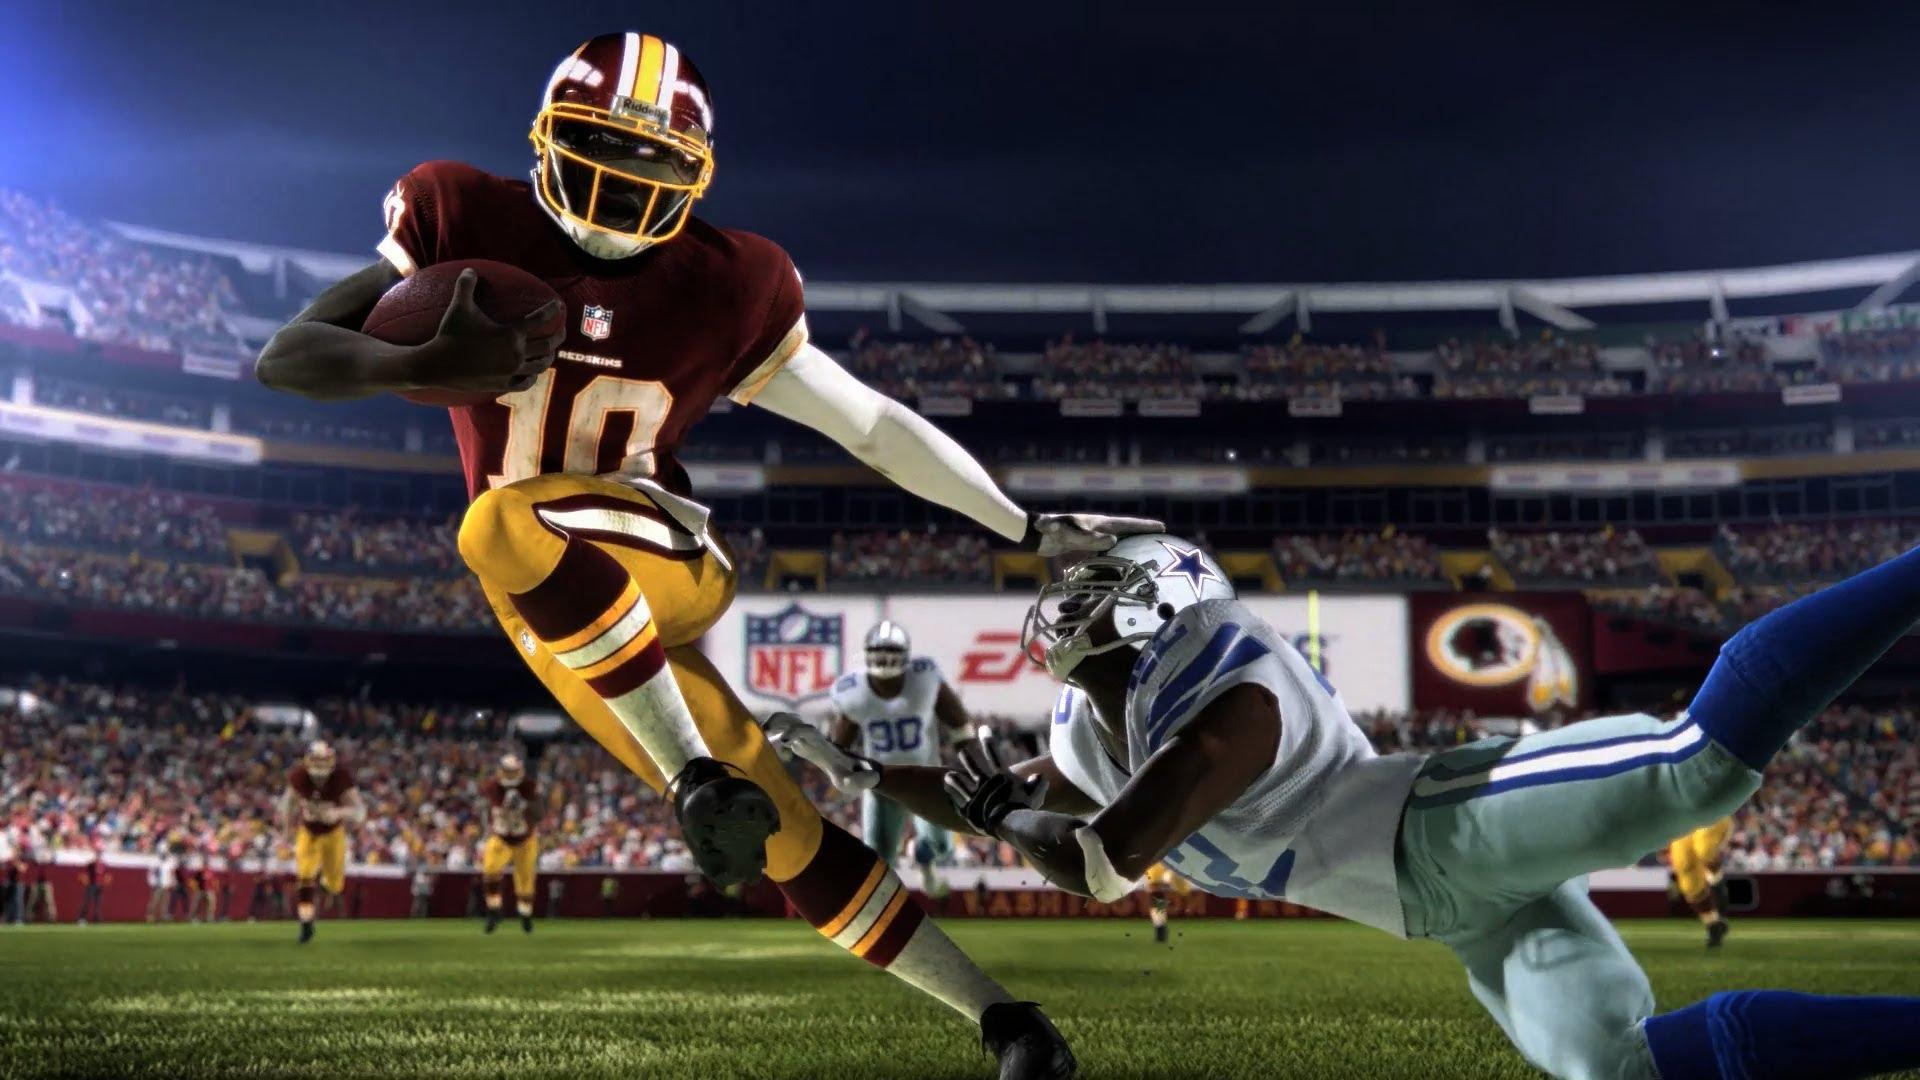 Madden NFL 16 HD Wallpaper